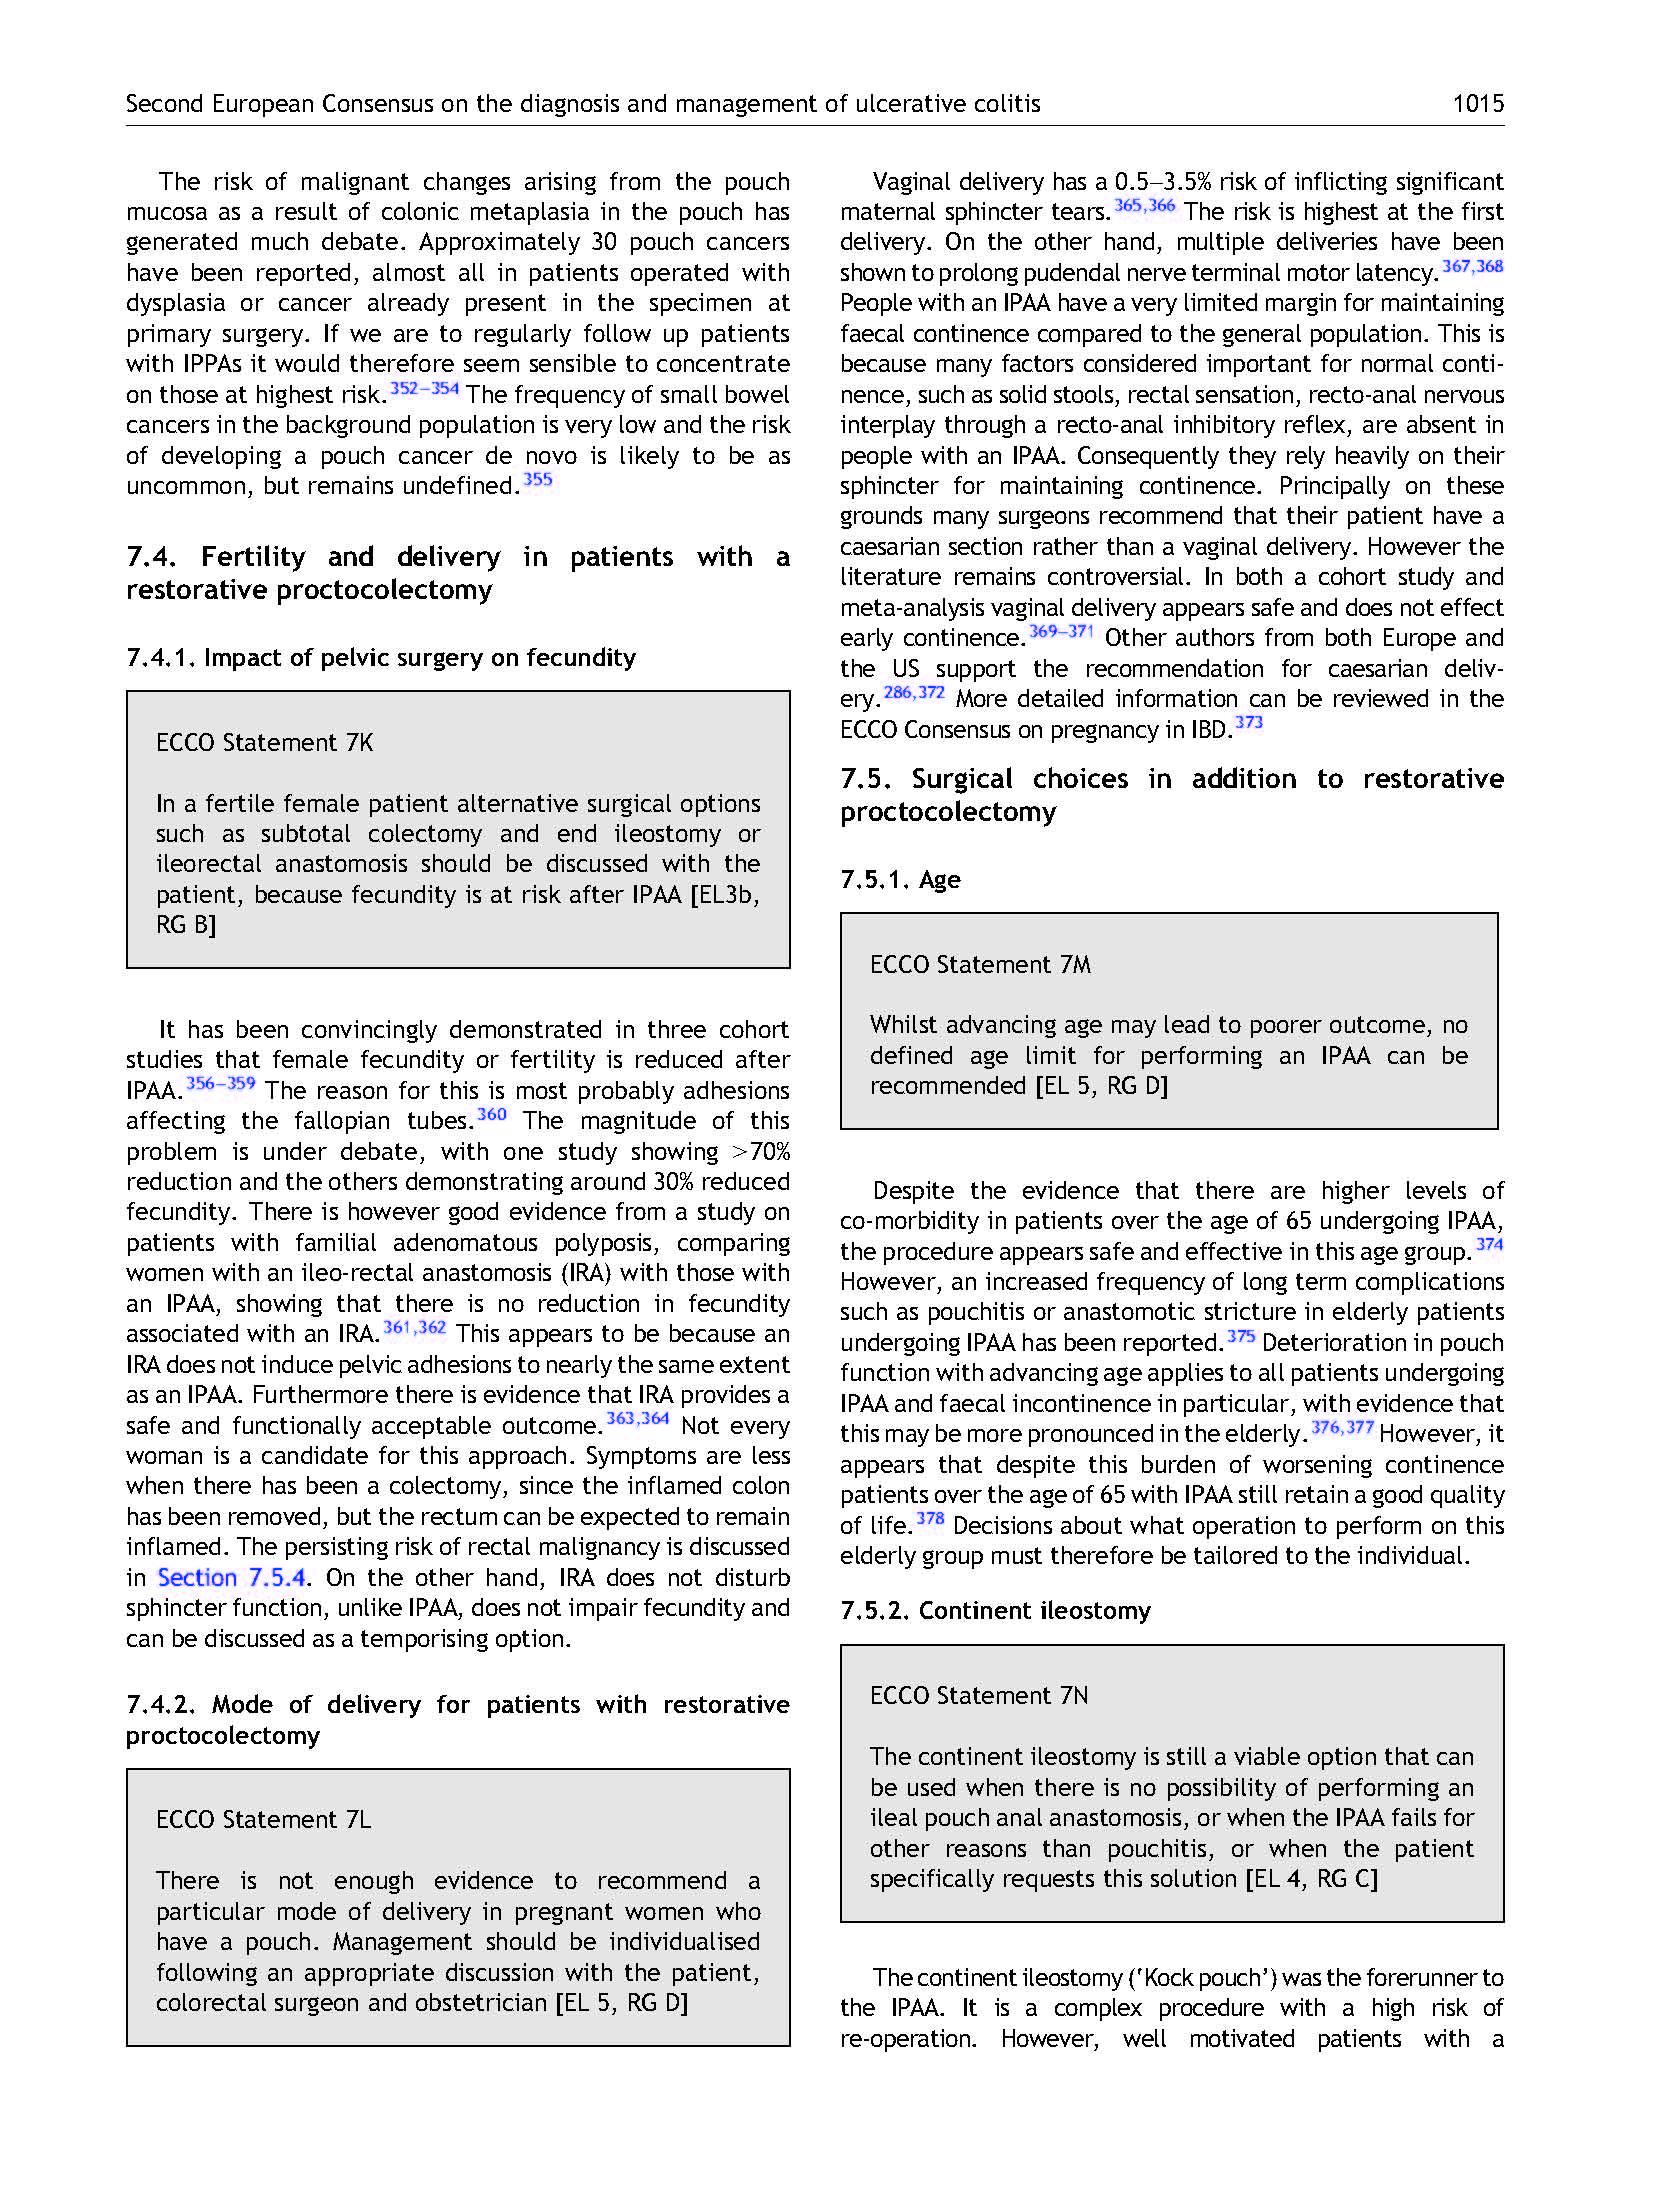 2012-ECCO第二版-欧洲询证共识:溃疡性结肠炎的诊断和处理—日常处理_页面_25.jpg